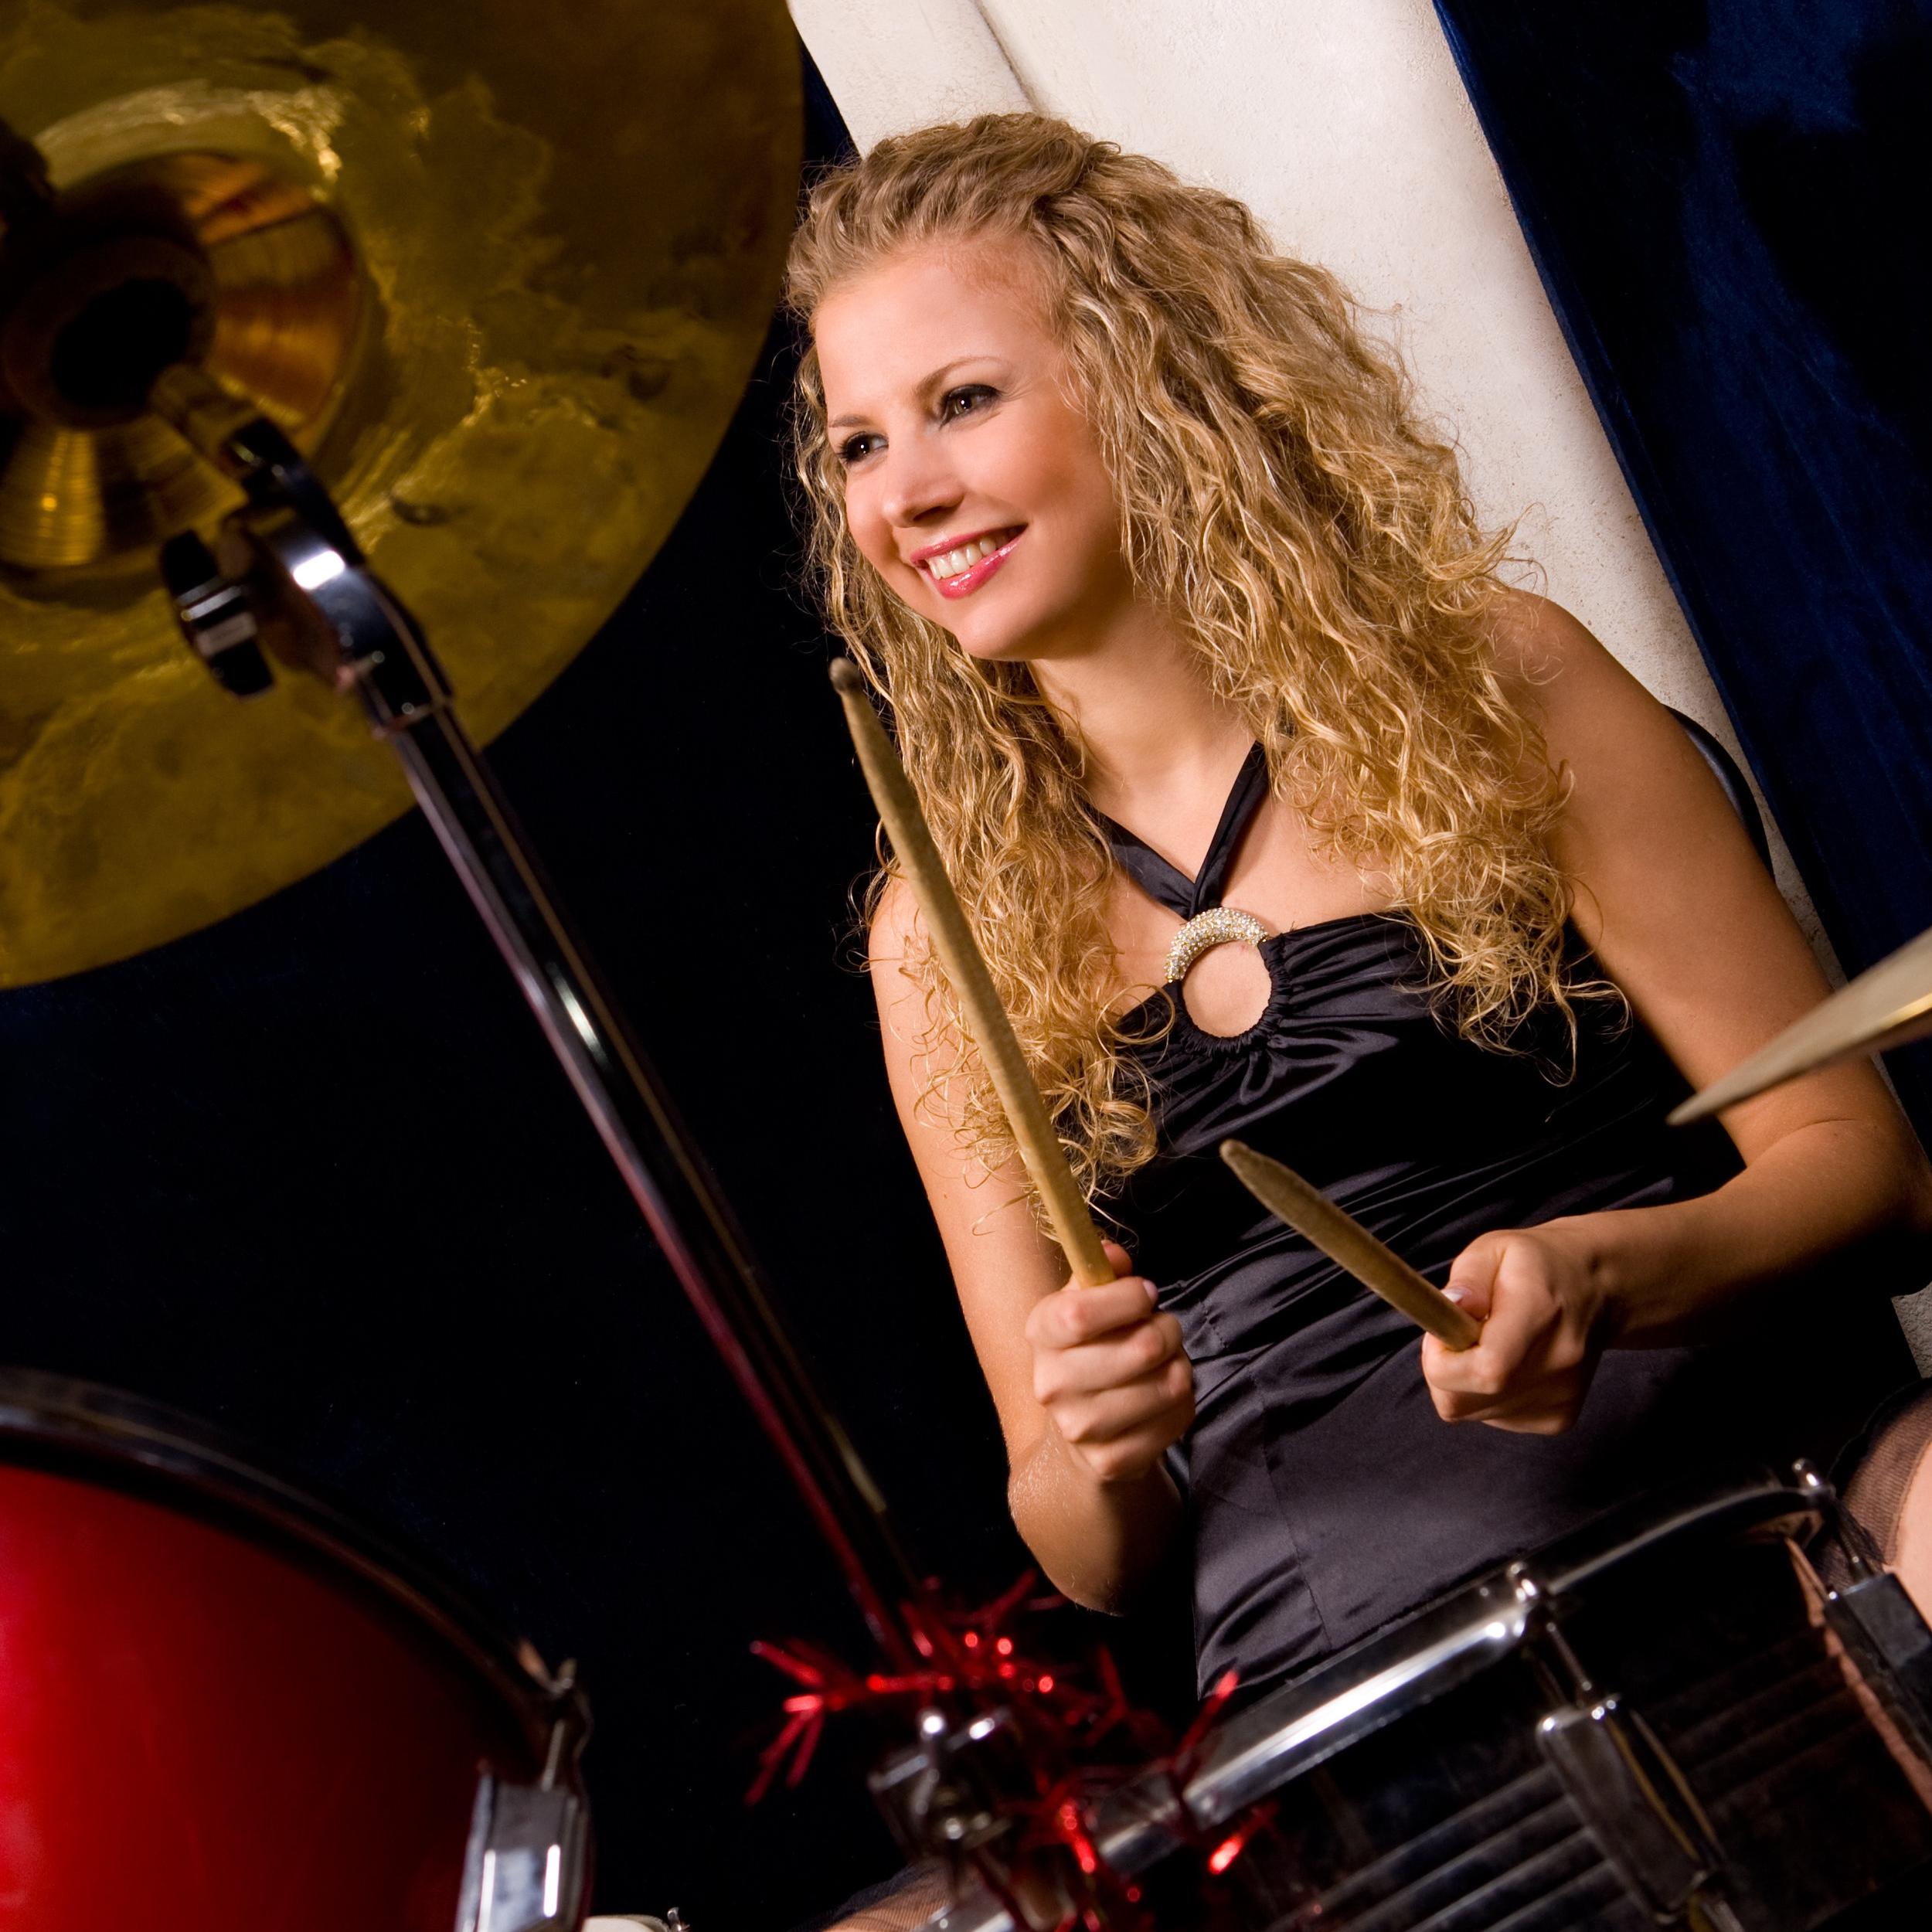 drum-lessons-orlando-5.jpg